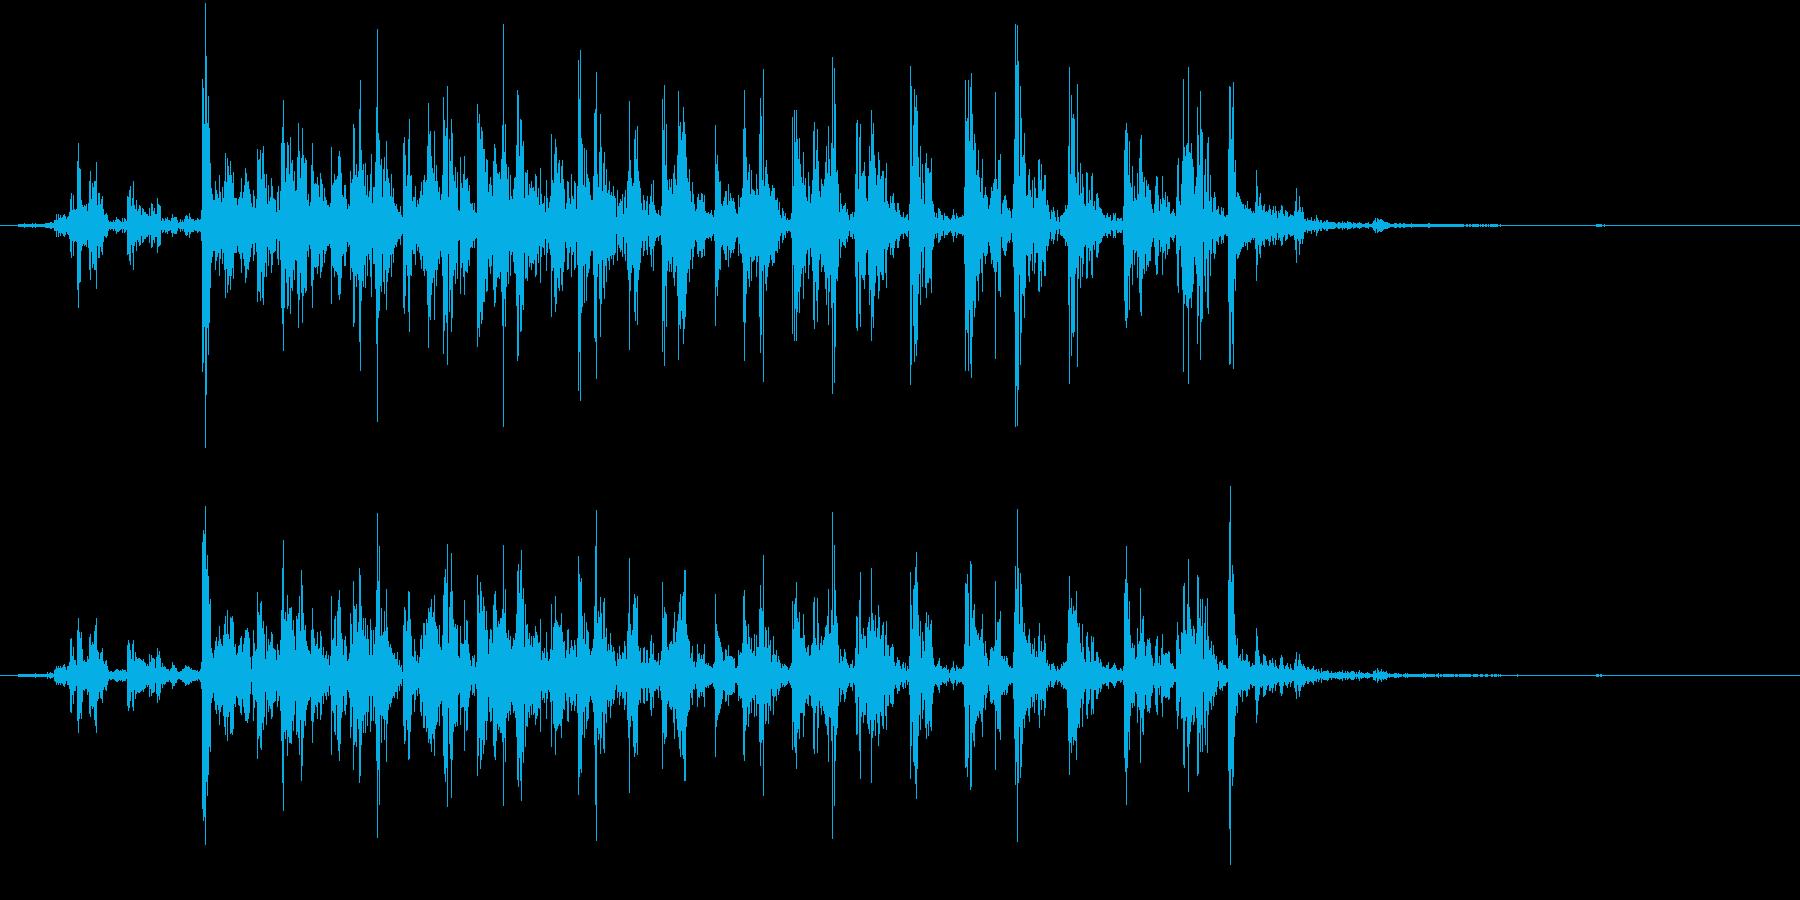 【生録音】カッターナイフの音 19の再生済みの波形